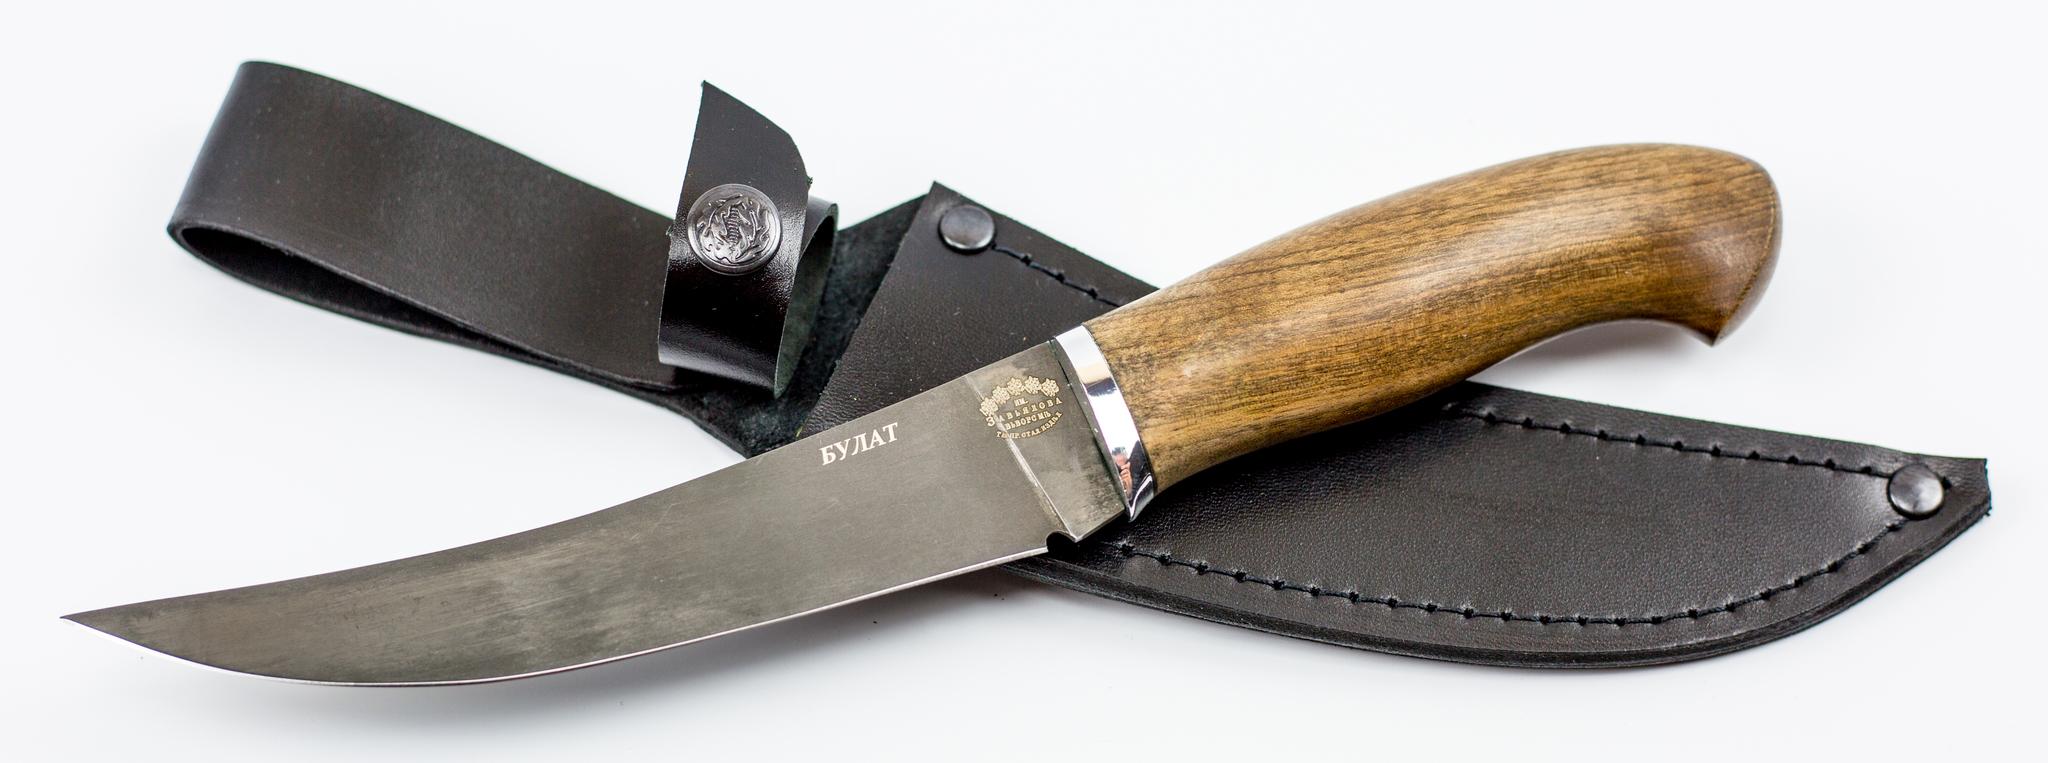 Фото 11 - Нож филейный Нерпа , сталь булат от Кузница Завьялова